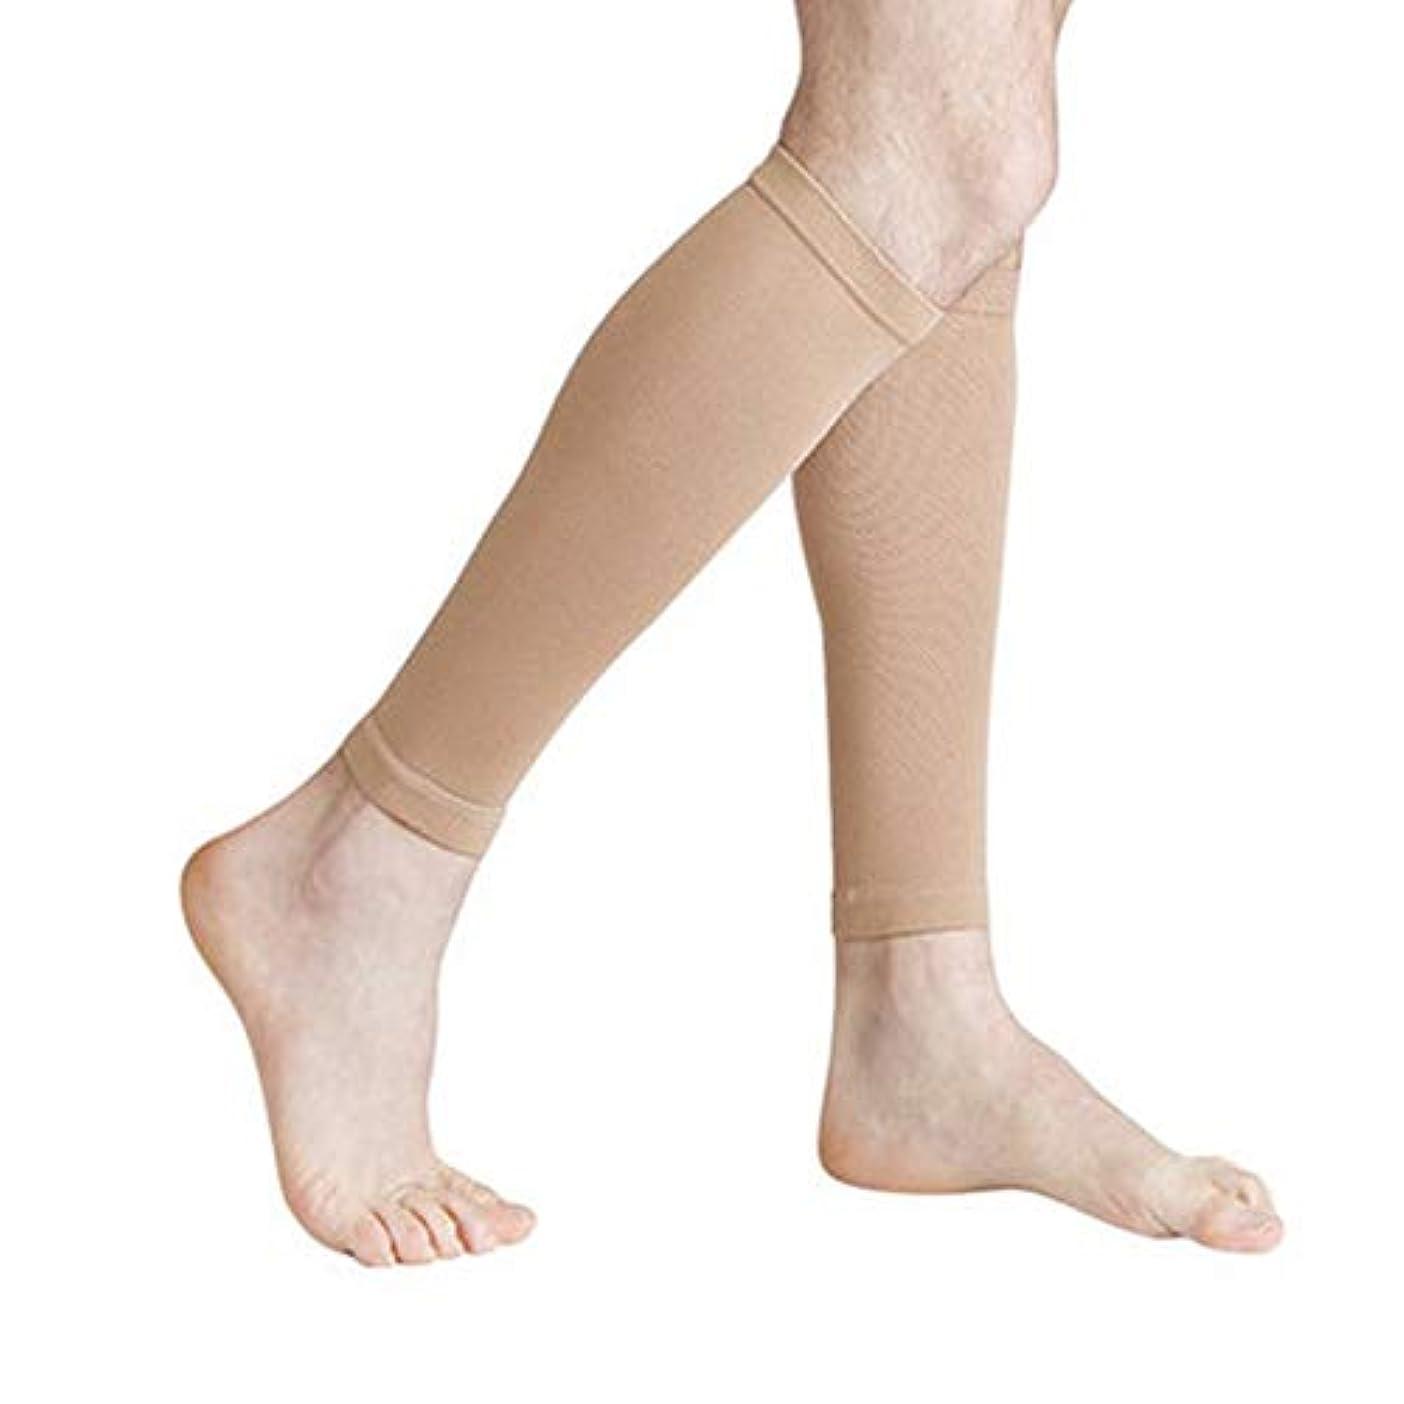 バクテリア皮飼料丈夫な男性女性プロの圧縮靴下通気性のある旅行活動看護師用シントスプリントフライトトラベル - 肌色